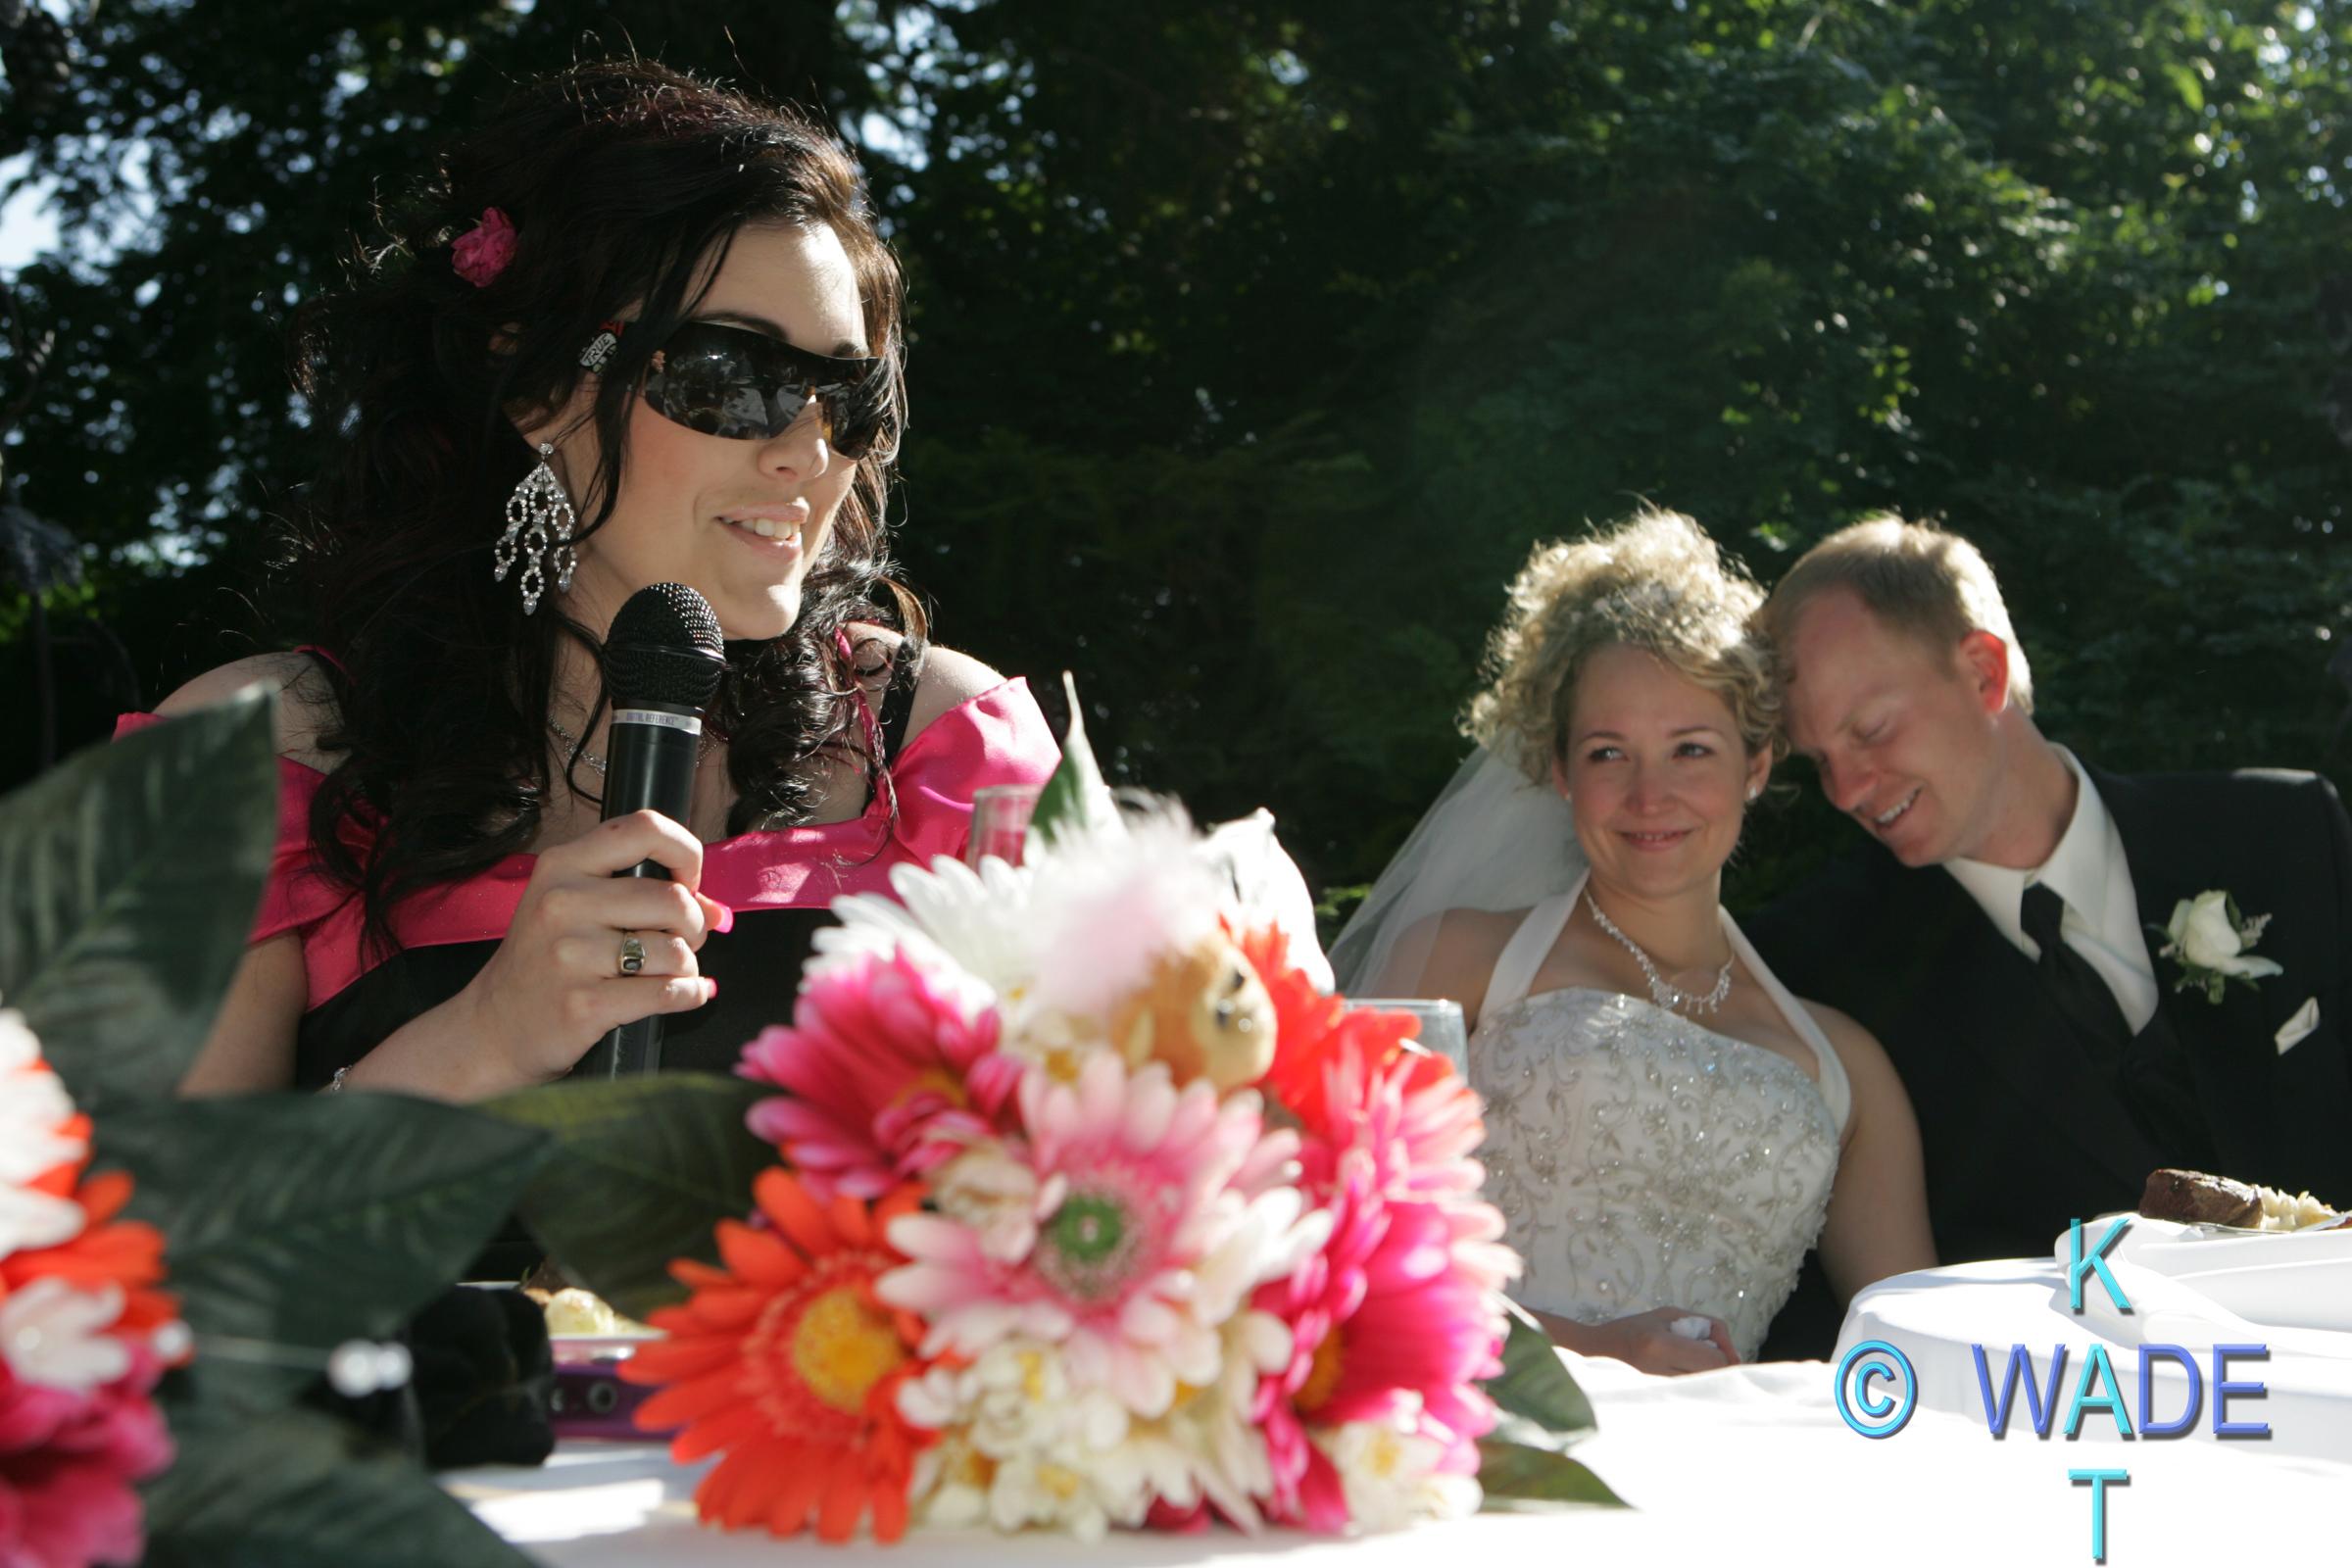 AMANDA_and_JON_Wedding_350_KatWade